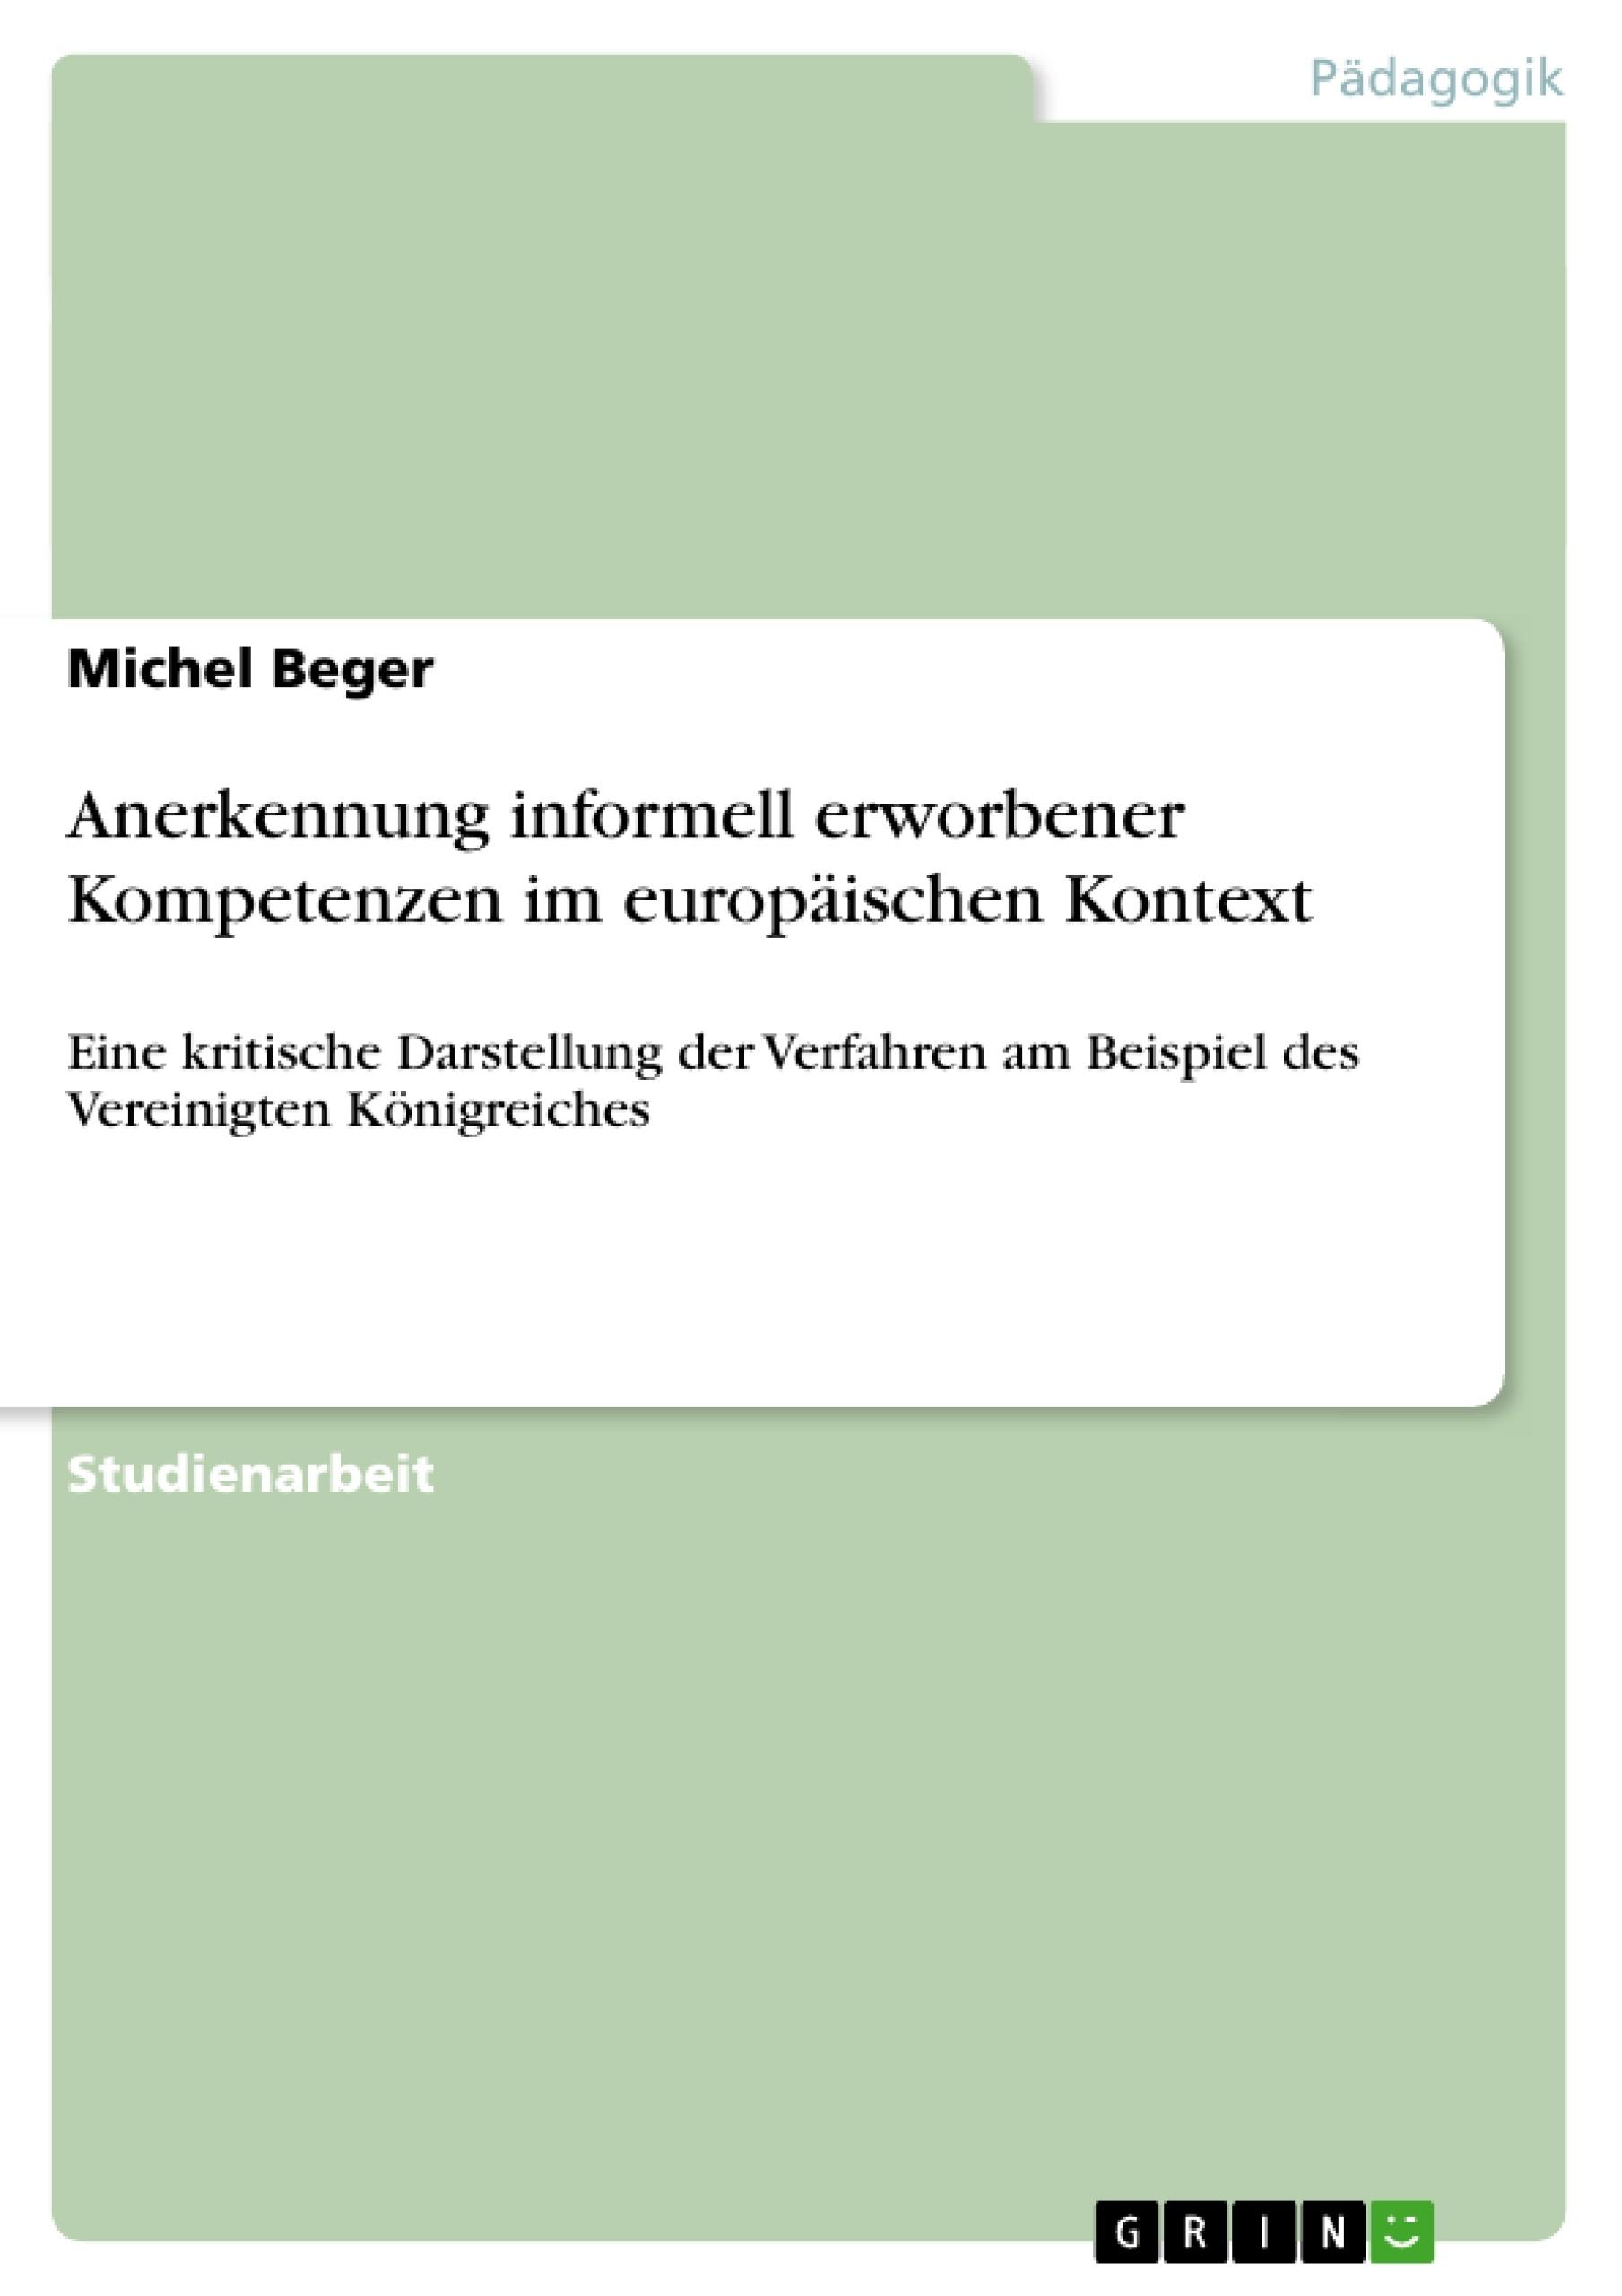 Titel: Anerkennung informell erworbener Kompetenzen im europäischen Kontext